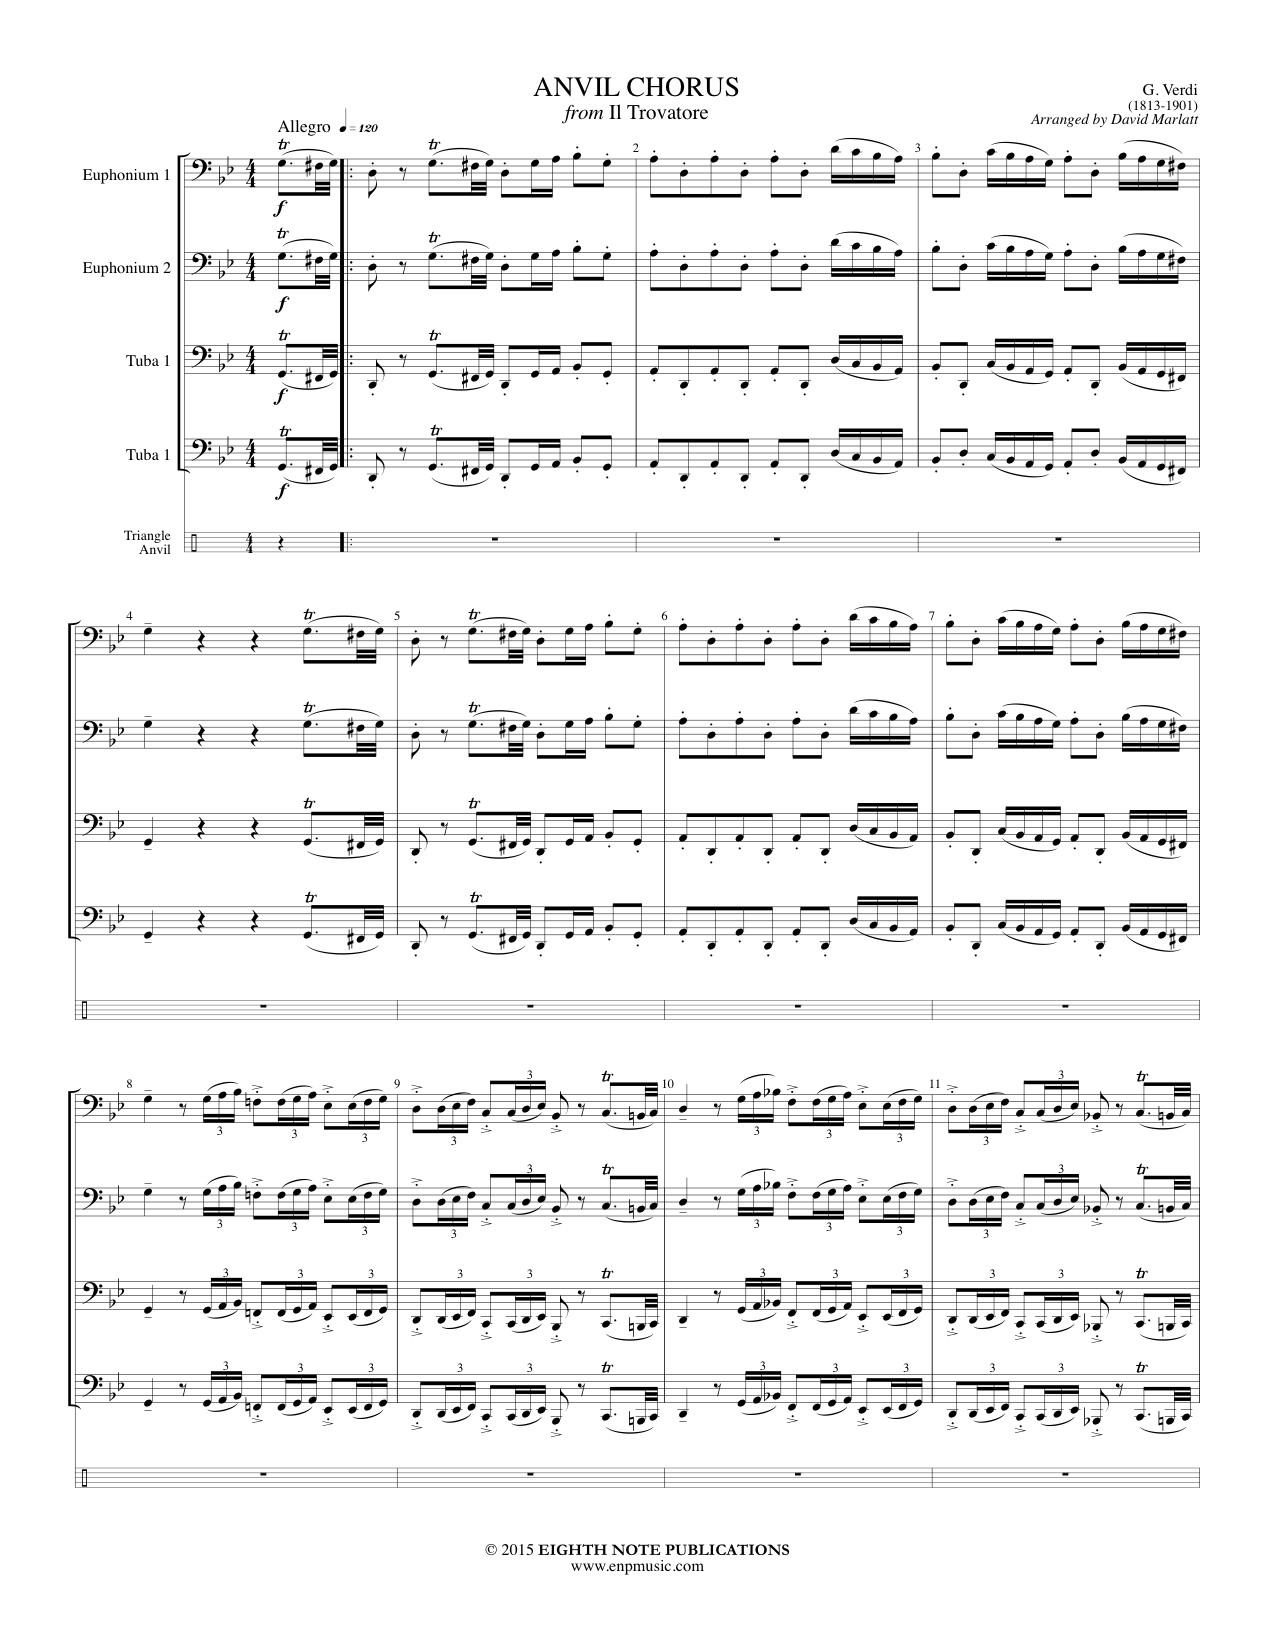 Anvil Chorus from Il Trovatore - Giuseppe Verdi